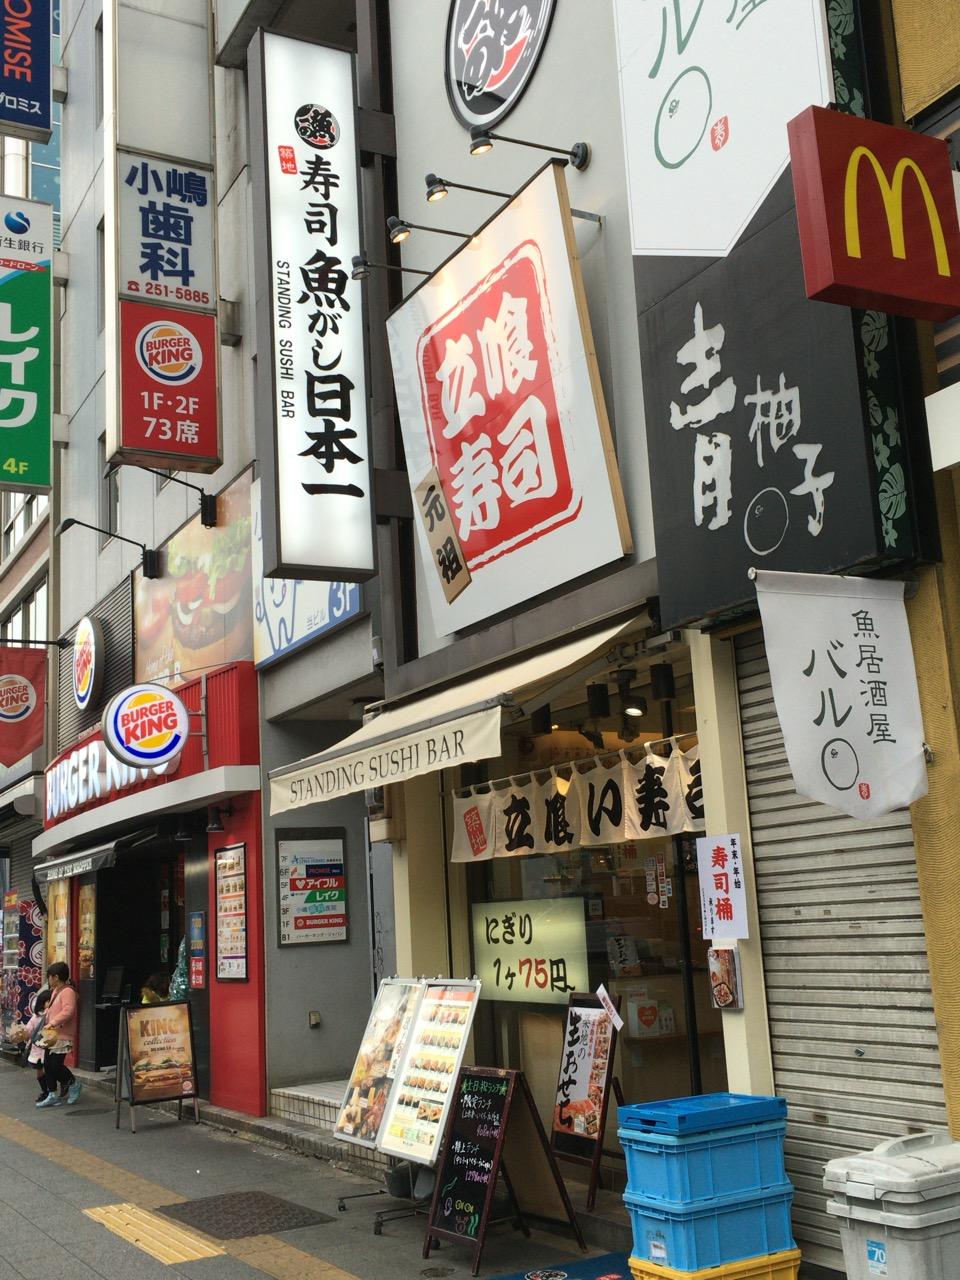 【食レポ】 アキバで気軽に入れた立食い寿司が美味しかった!魚がし日本一